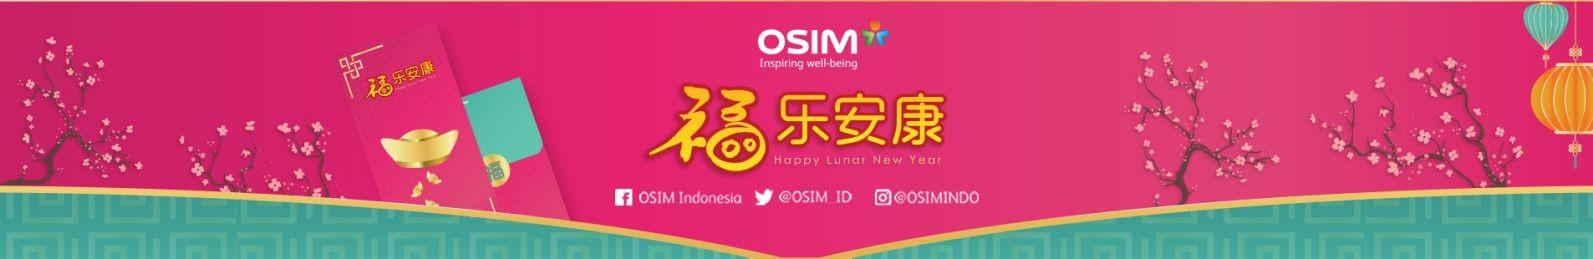 OSIM Indonesia